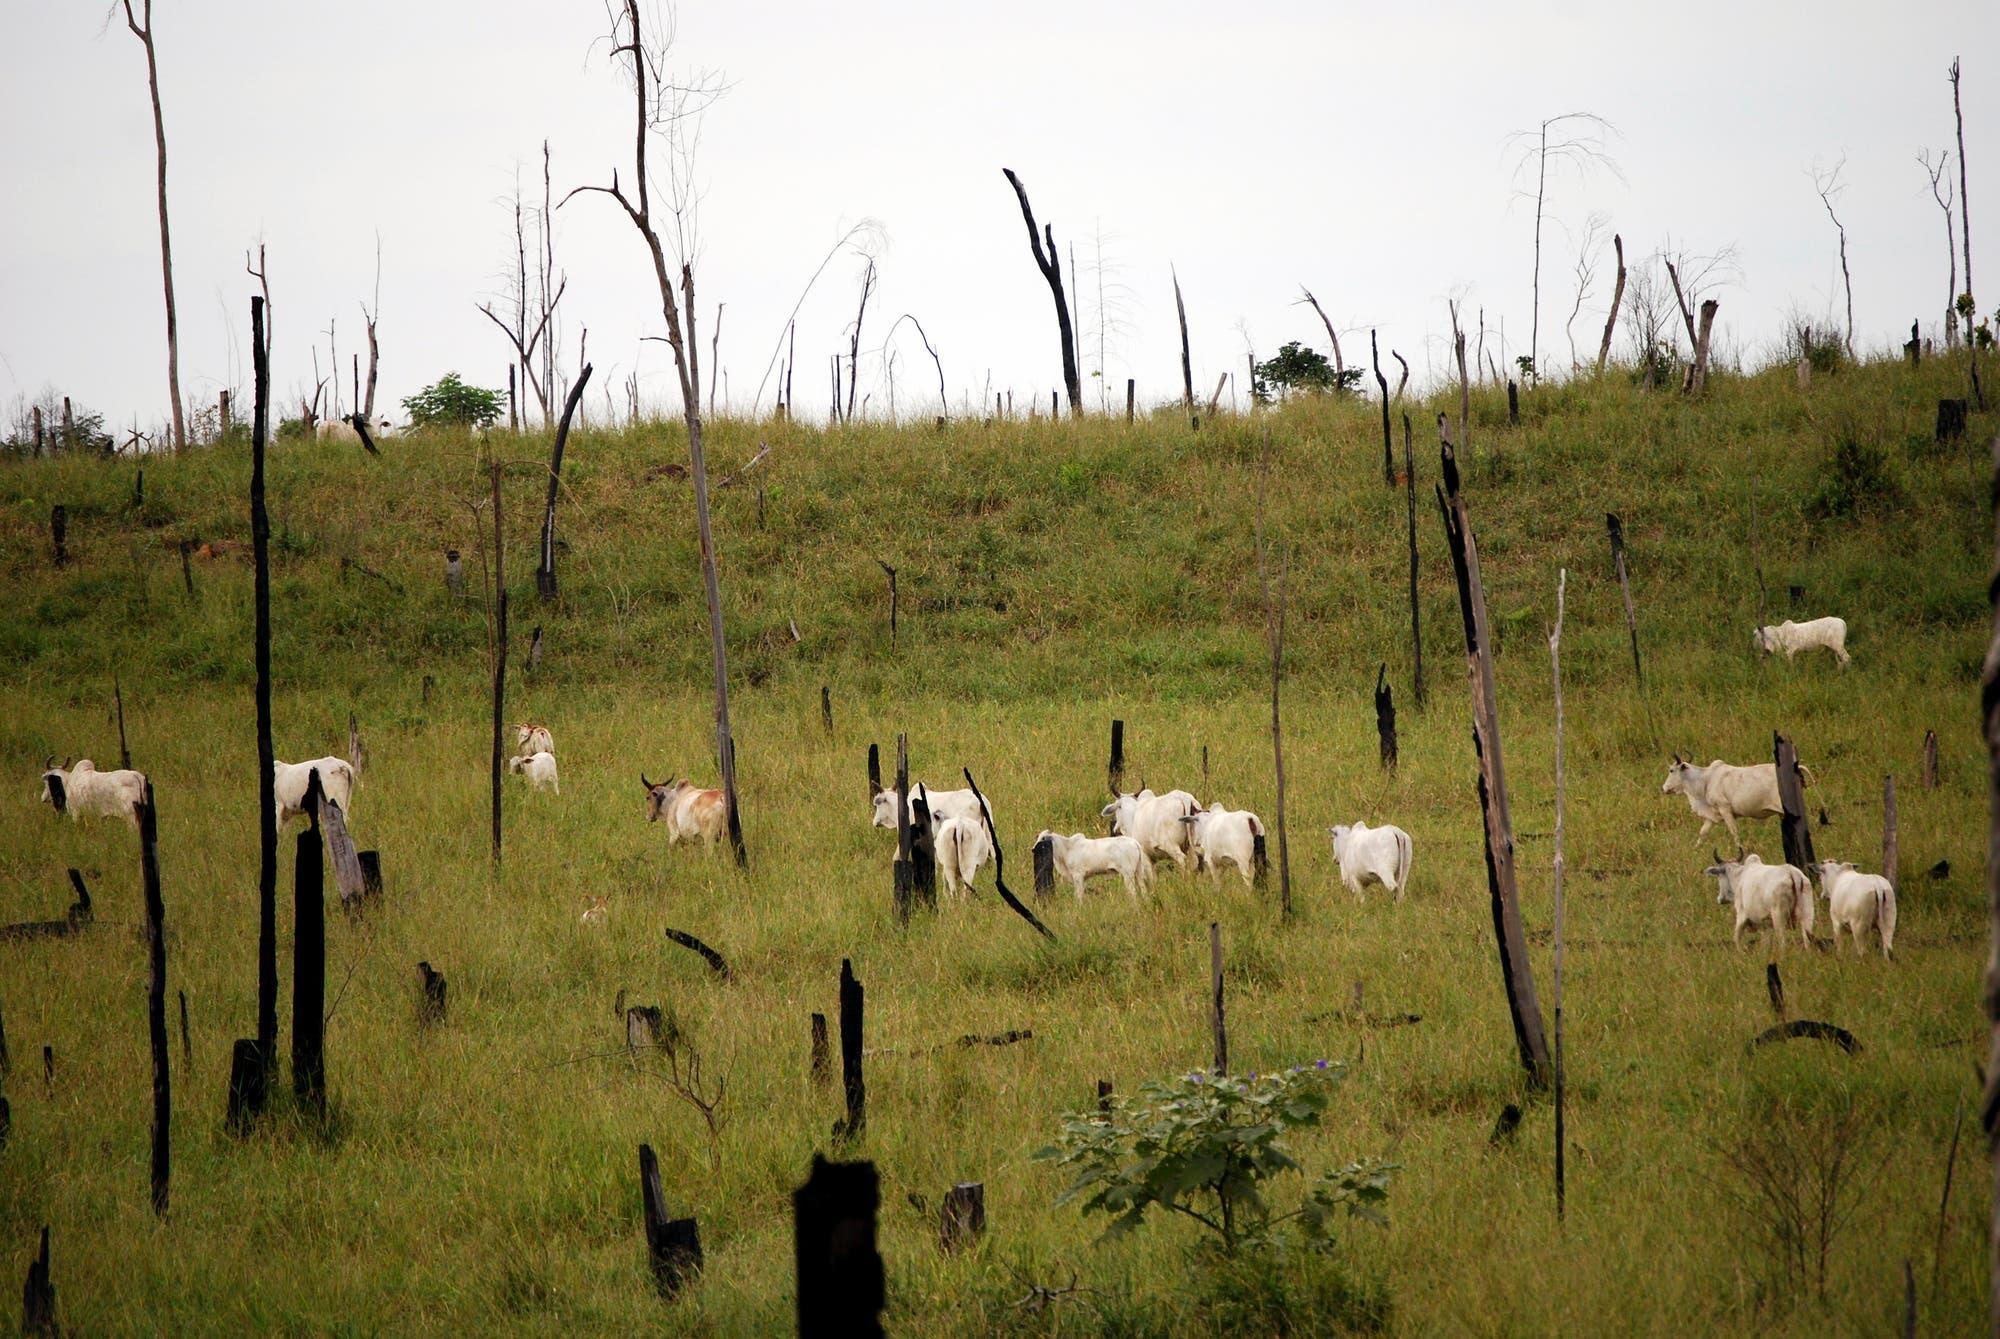 Vieh weidet zwischen verkohlten Baumstümpfen – den kläglichen Resten des einstigen Regenwaldes